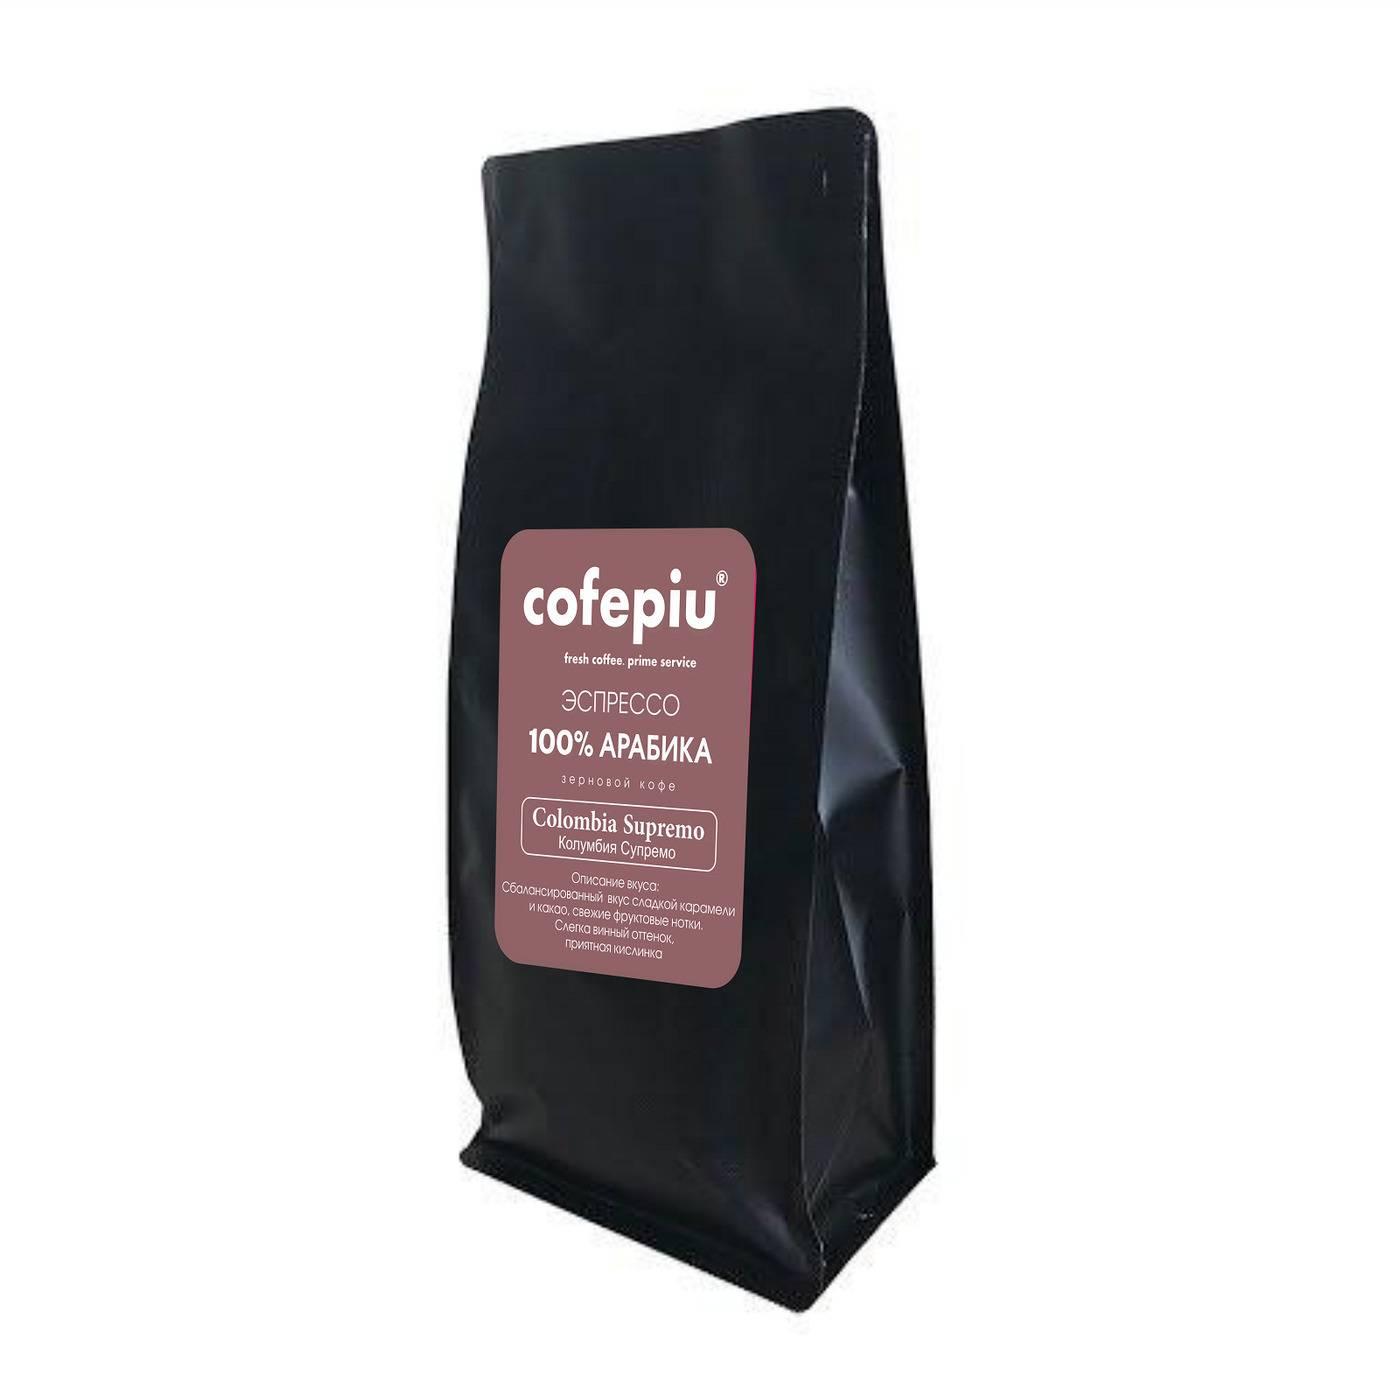 Кофе с молоком: вред и польза, общие сведения, история появления напитка, состав и вкусовые качества